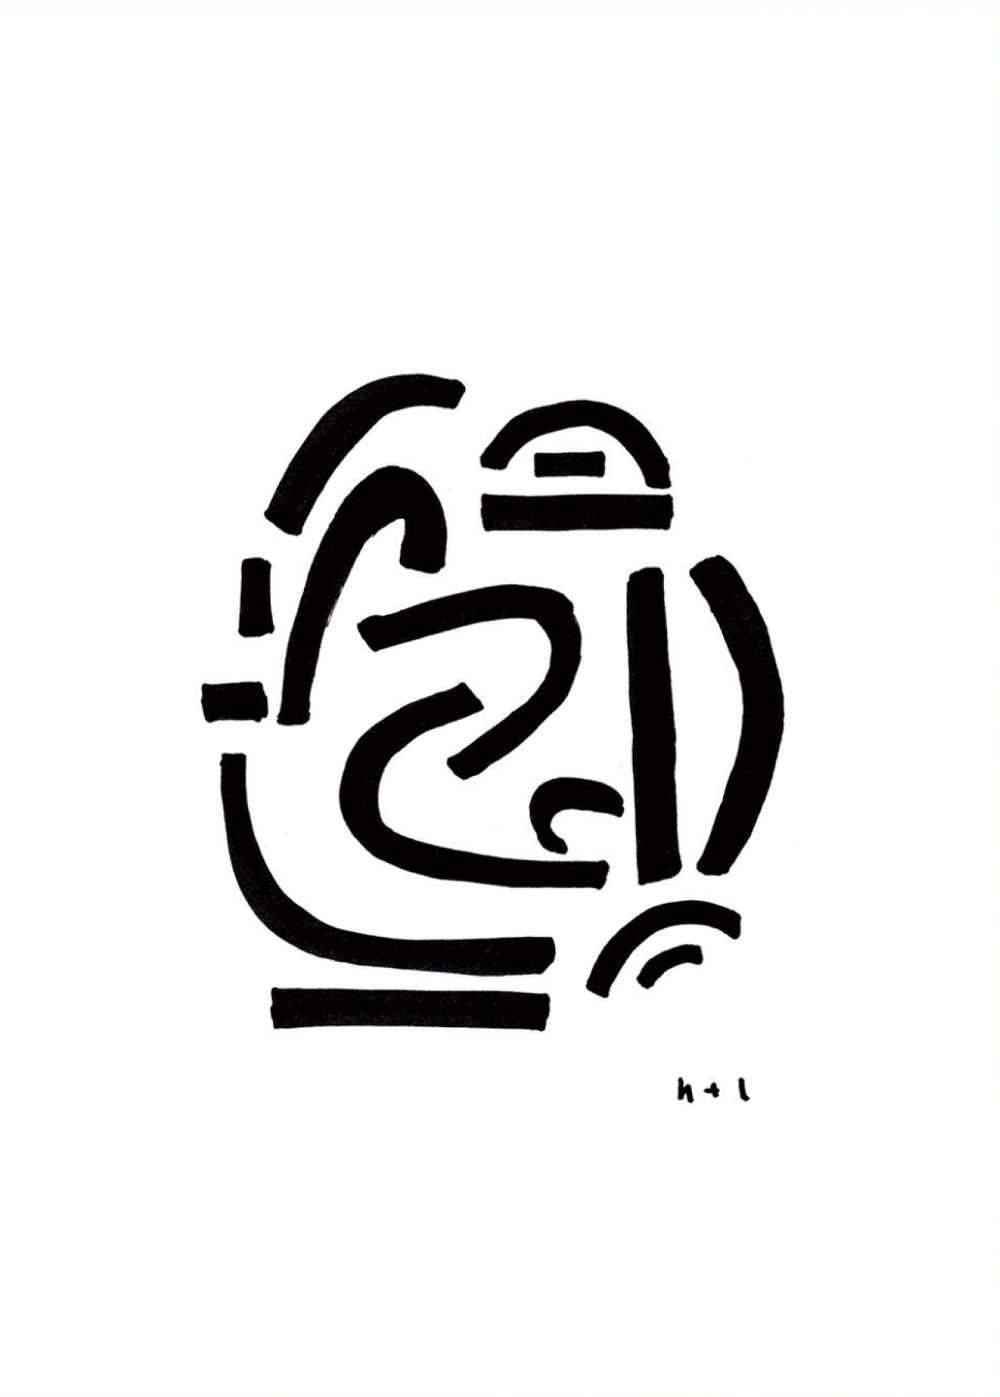 Rhythm, $7.50  —Henri x Lydia, Etsy